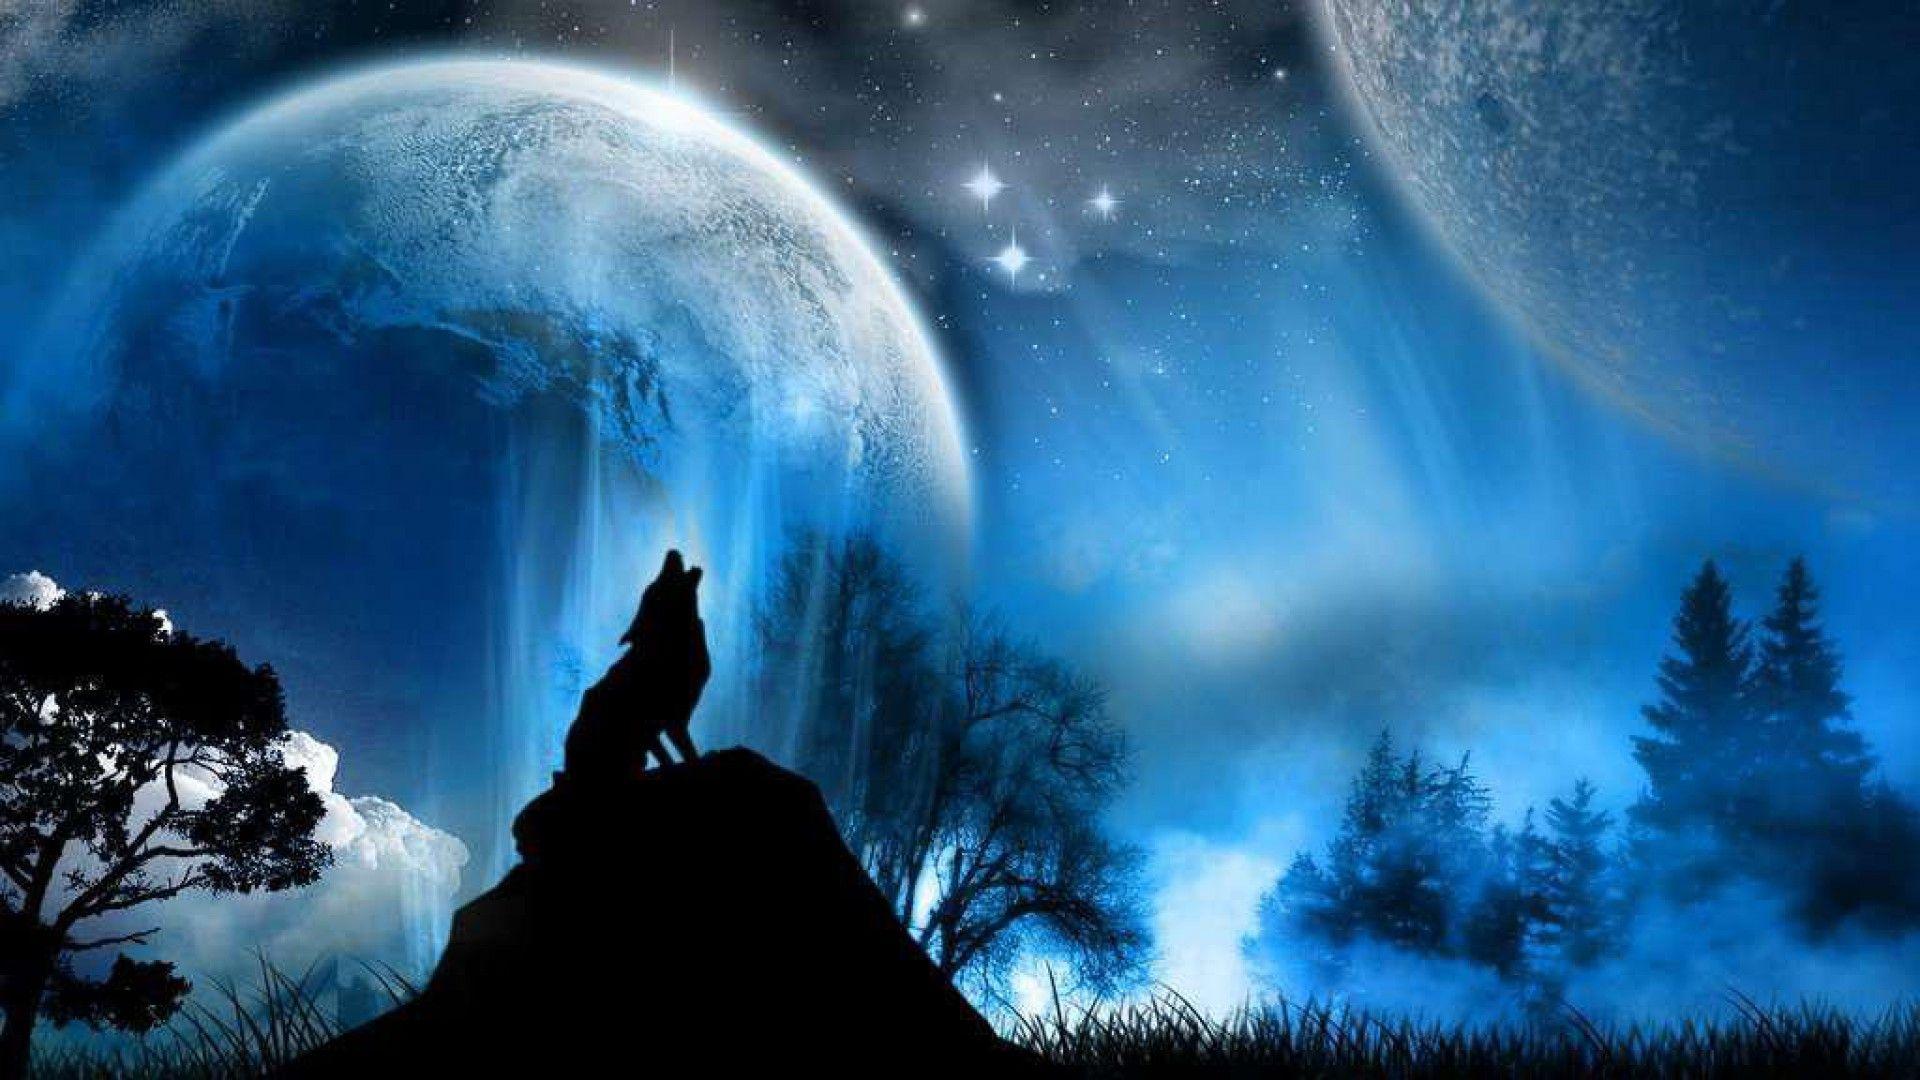 Wolf Wallpaper - Best HD Wallpaper